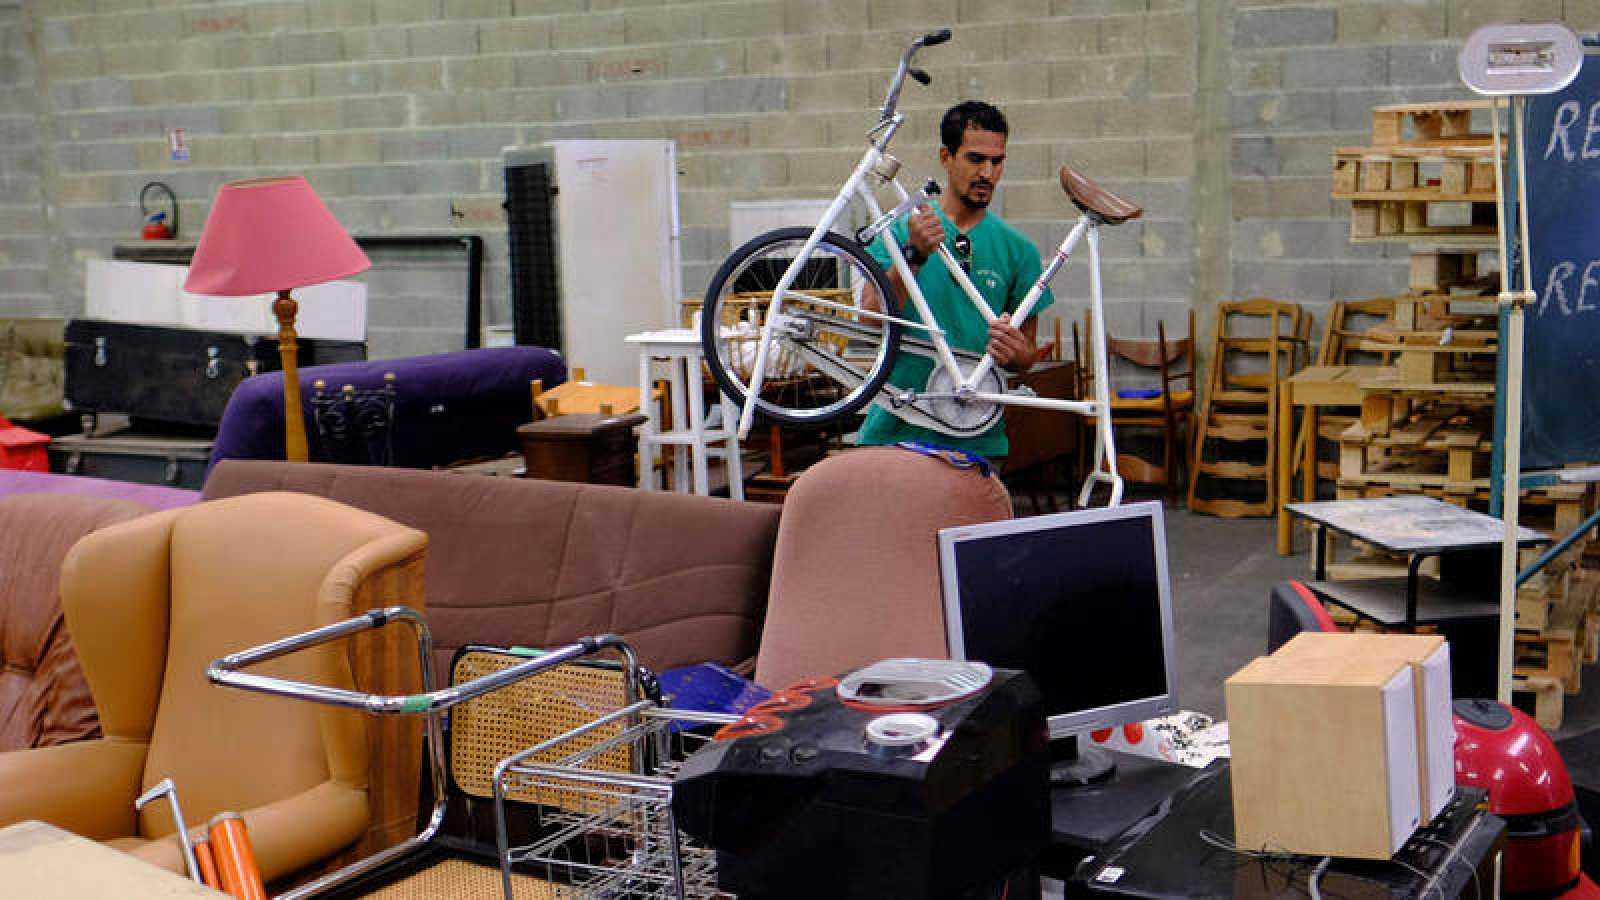 Un trabajador de un centro de reciclaje